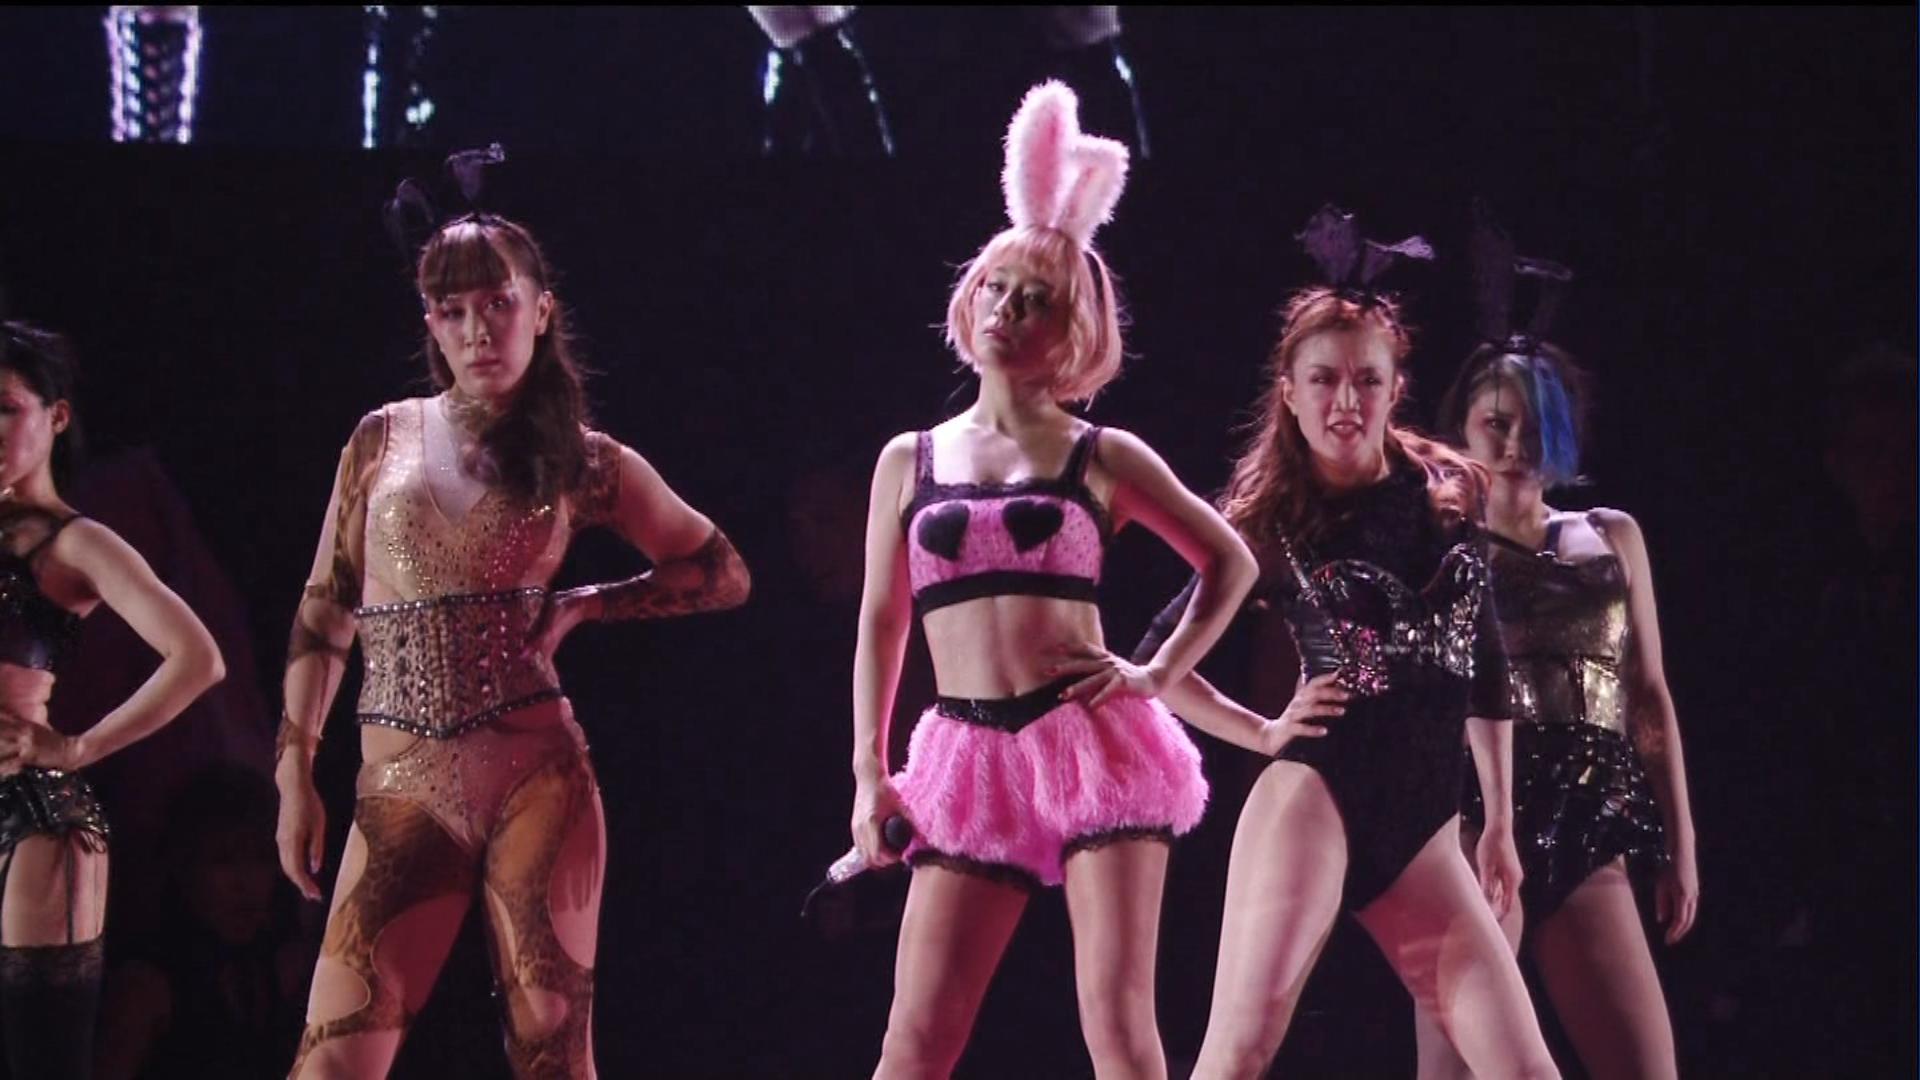 露出度の高いバニーガール衣装で歌う浜崎あゆみ